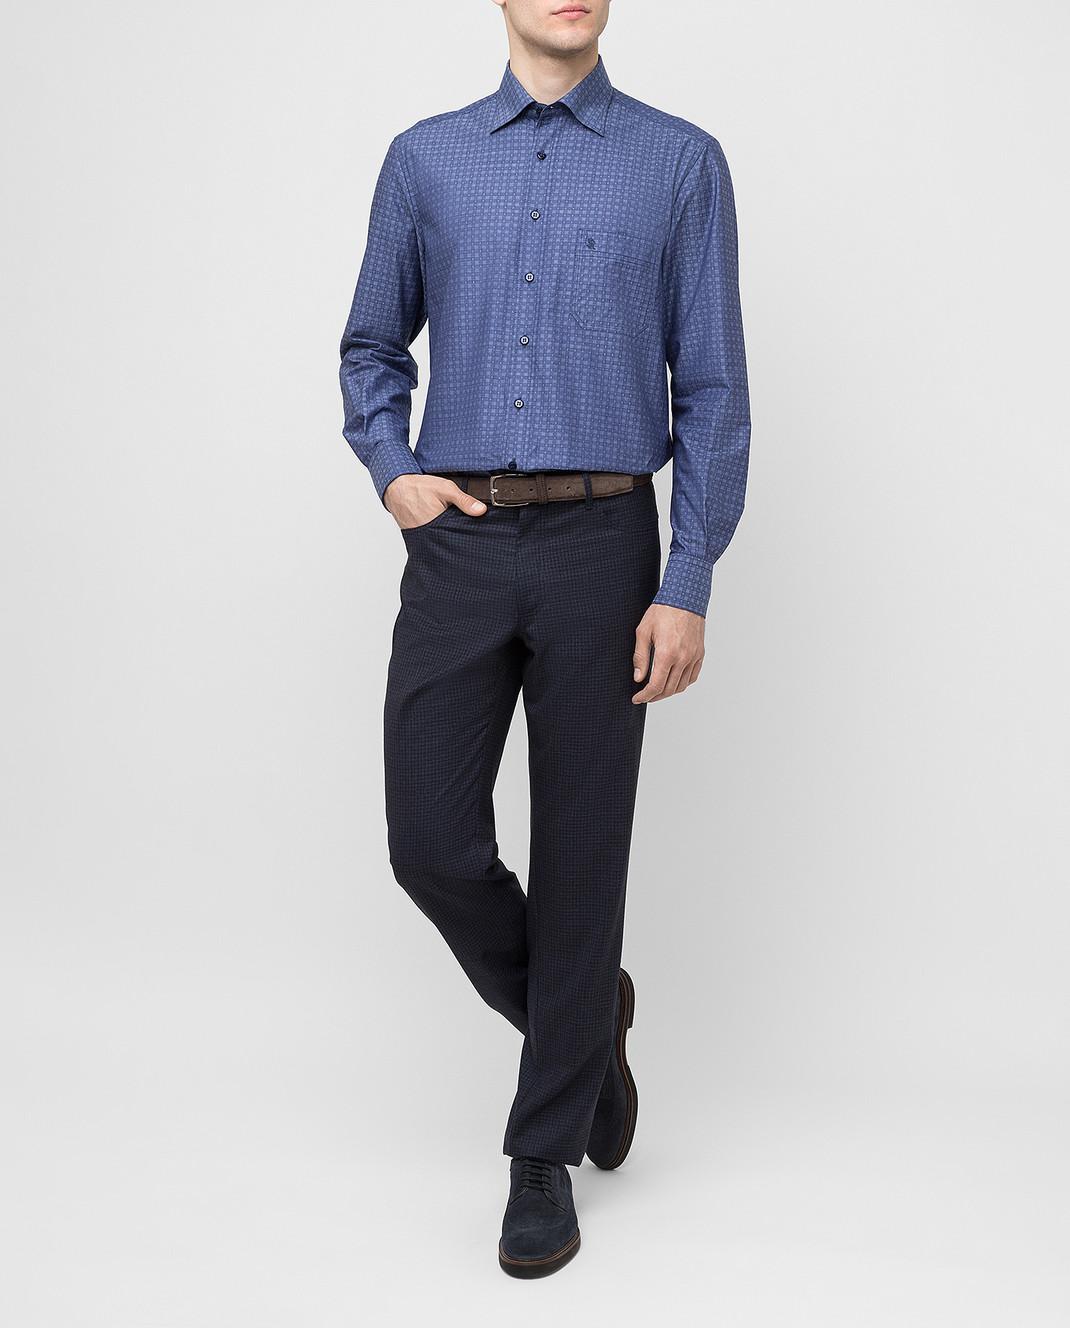 Stefano Ricci Темно-синие брюки из шерсти изображение 2